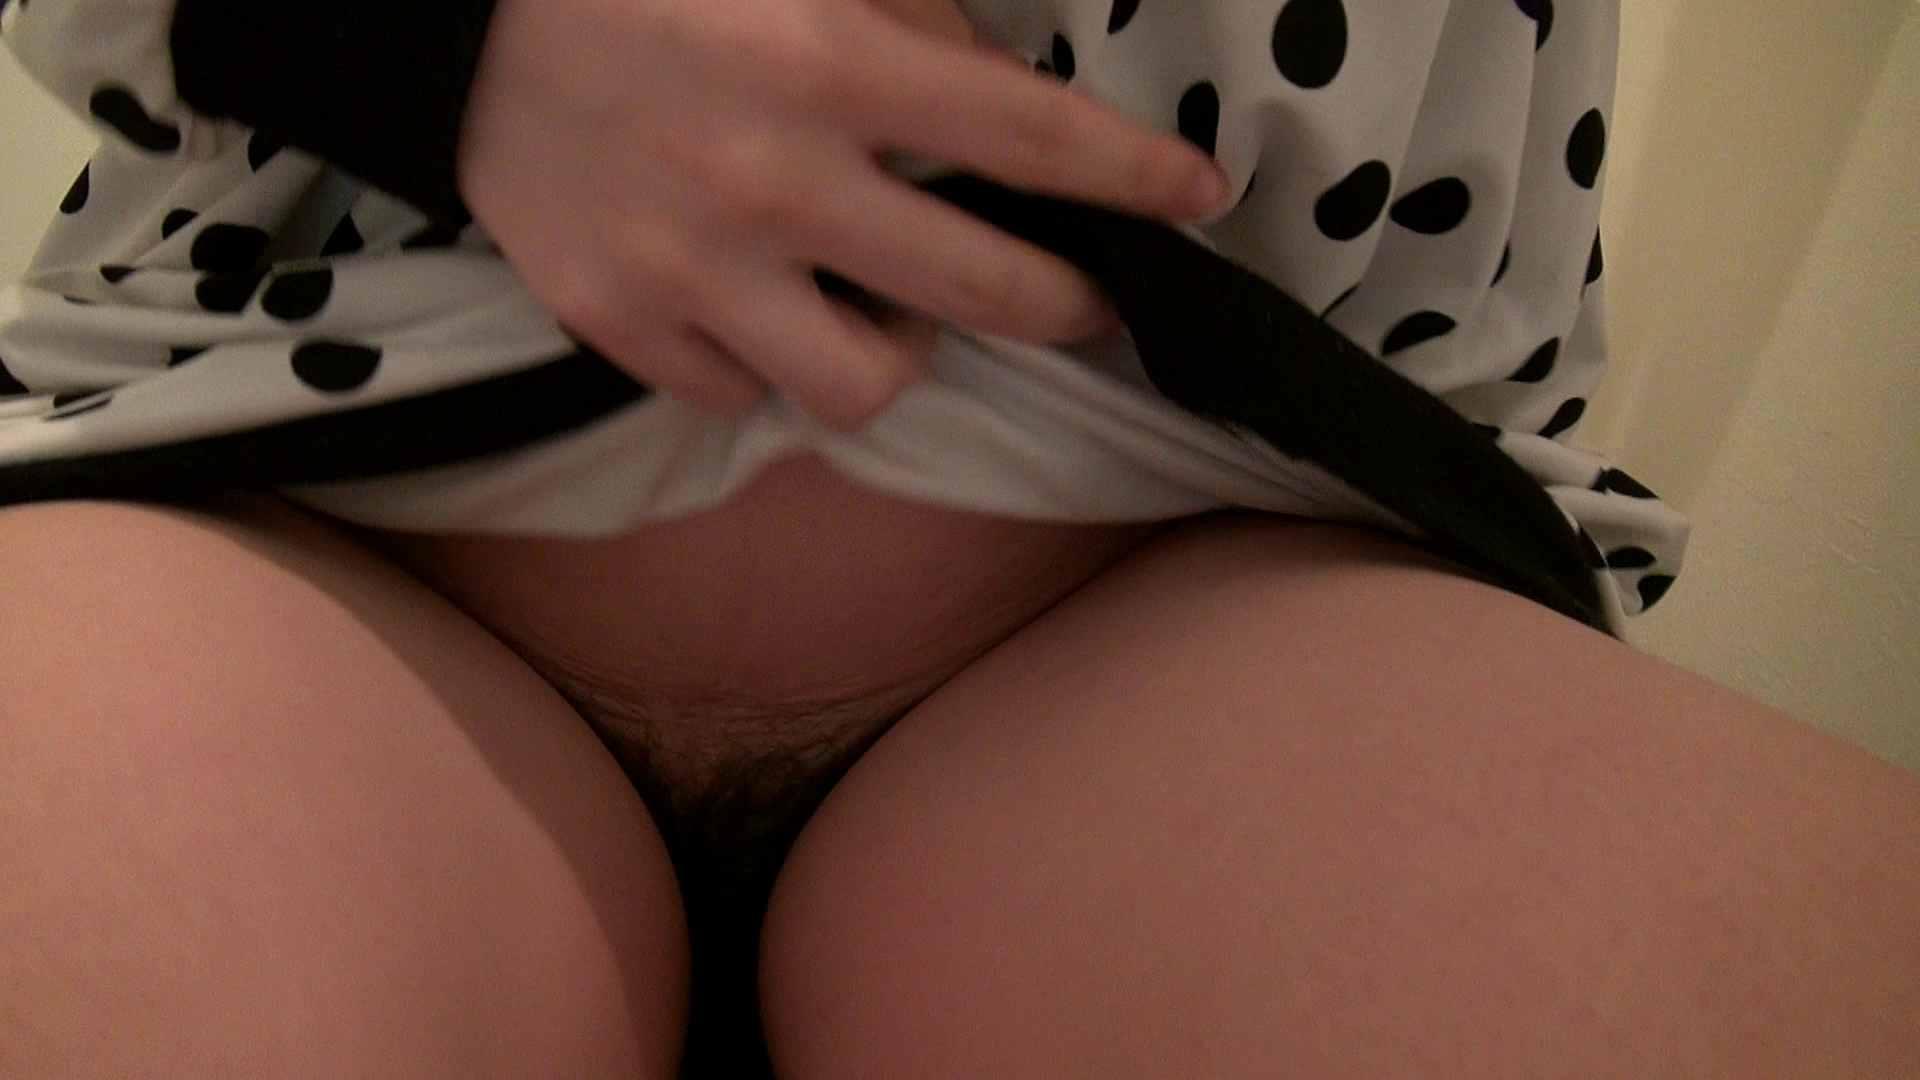 志穂さんにお手洗いに行ってもらいましょう 盗撮   おまんこ  78pic 22